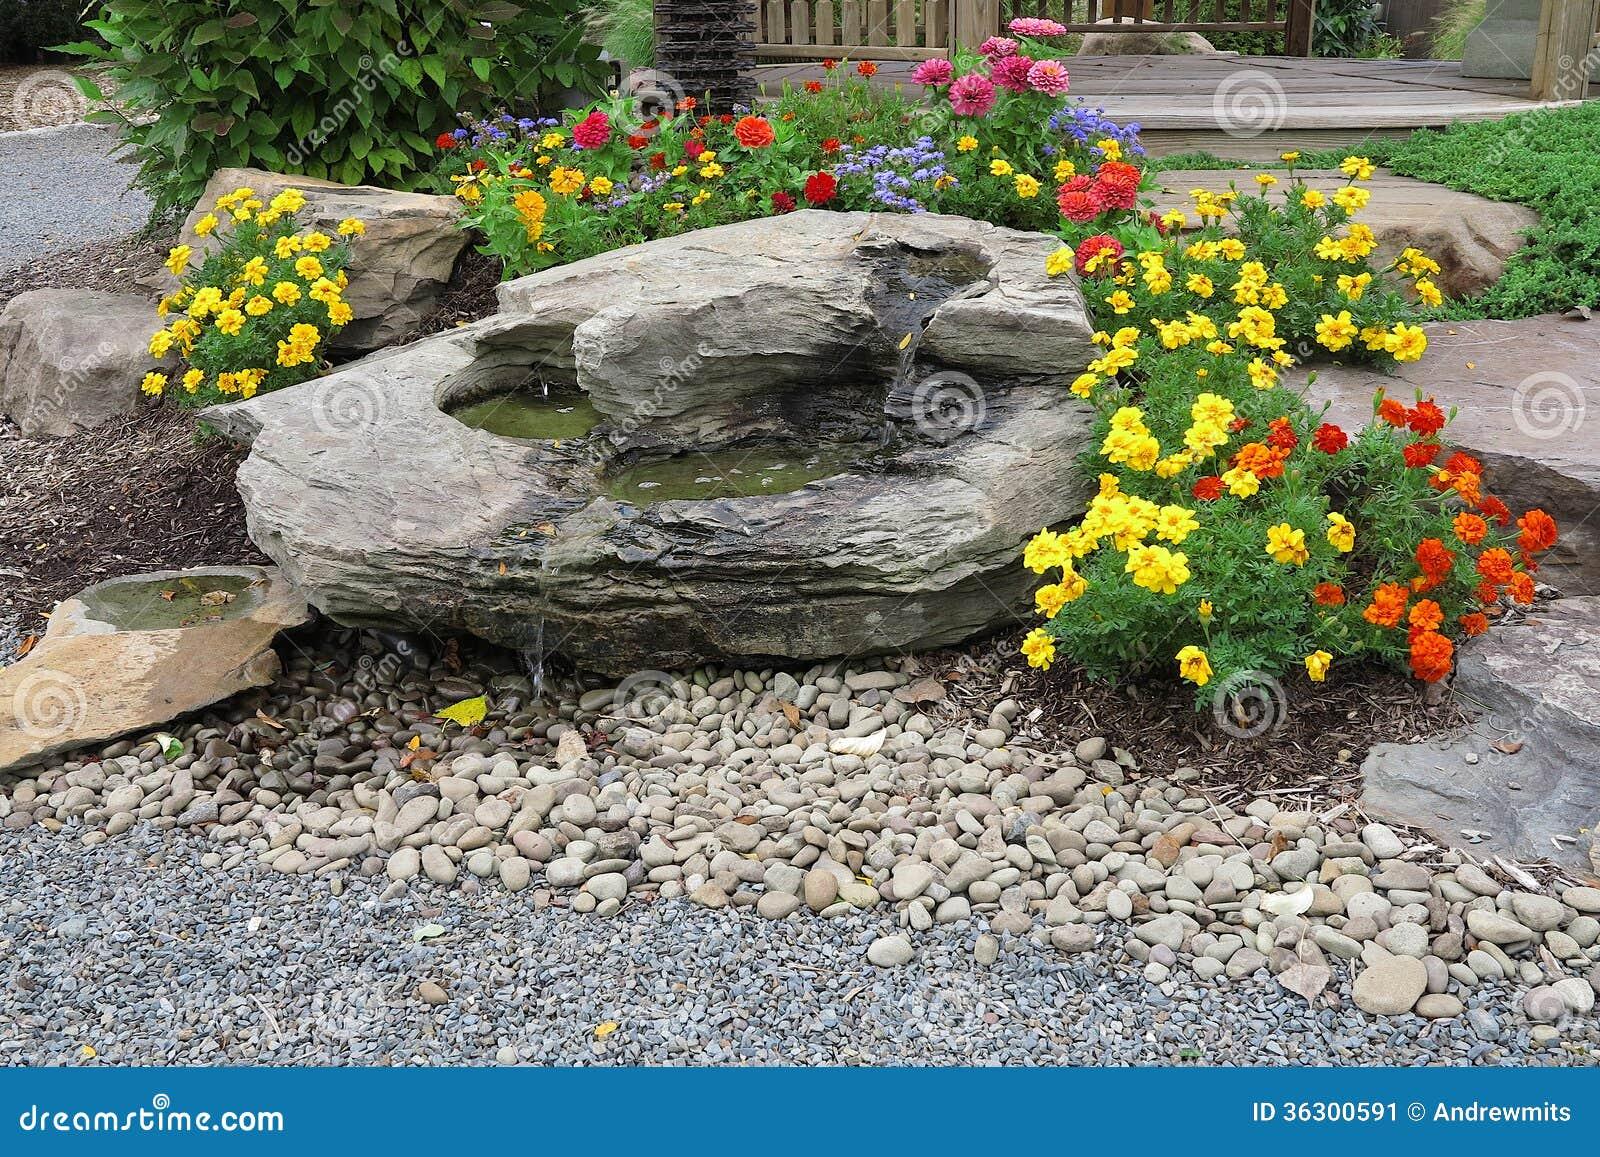 flores coloridas jardim:Cachoeira E Flores Do Jardim Imagem de Stock – Imagem: 36300591